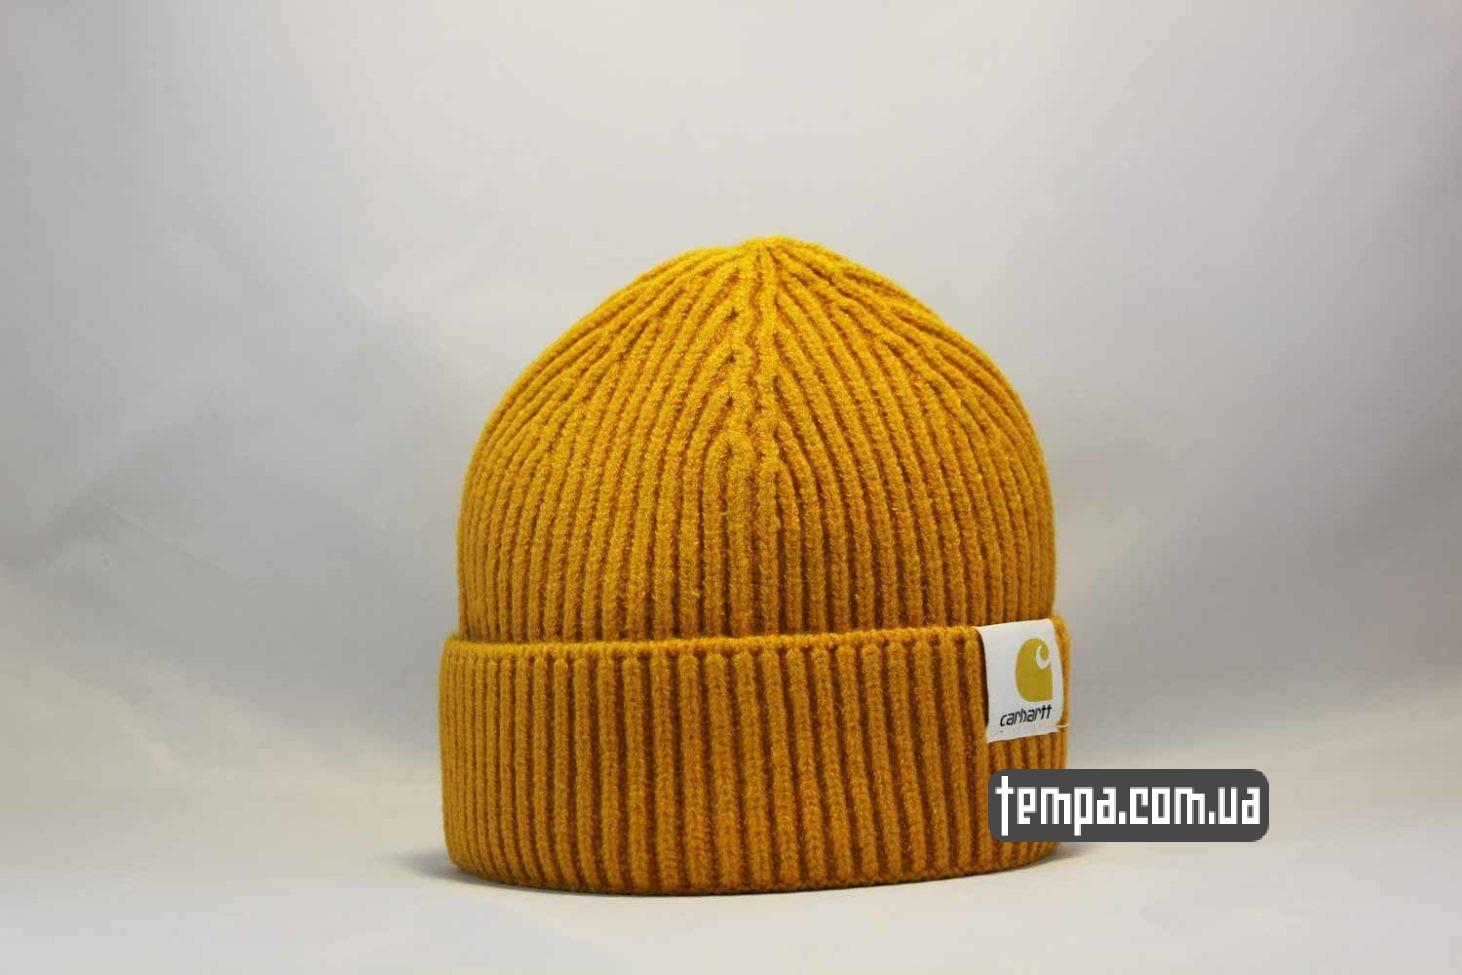 шапка beanie Carhartt оранжевая шерстяная